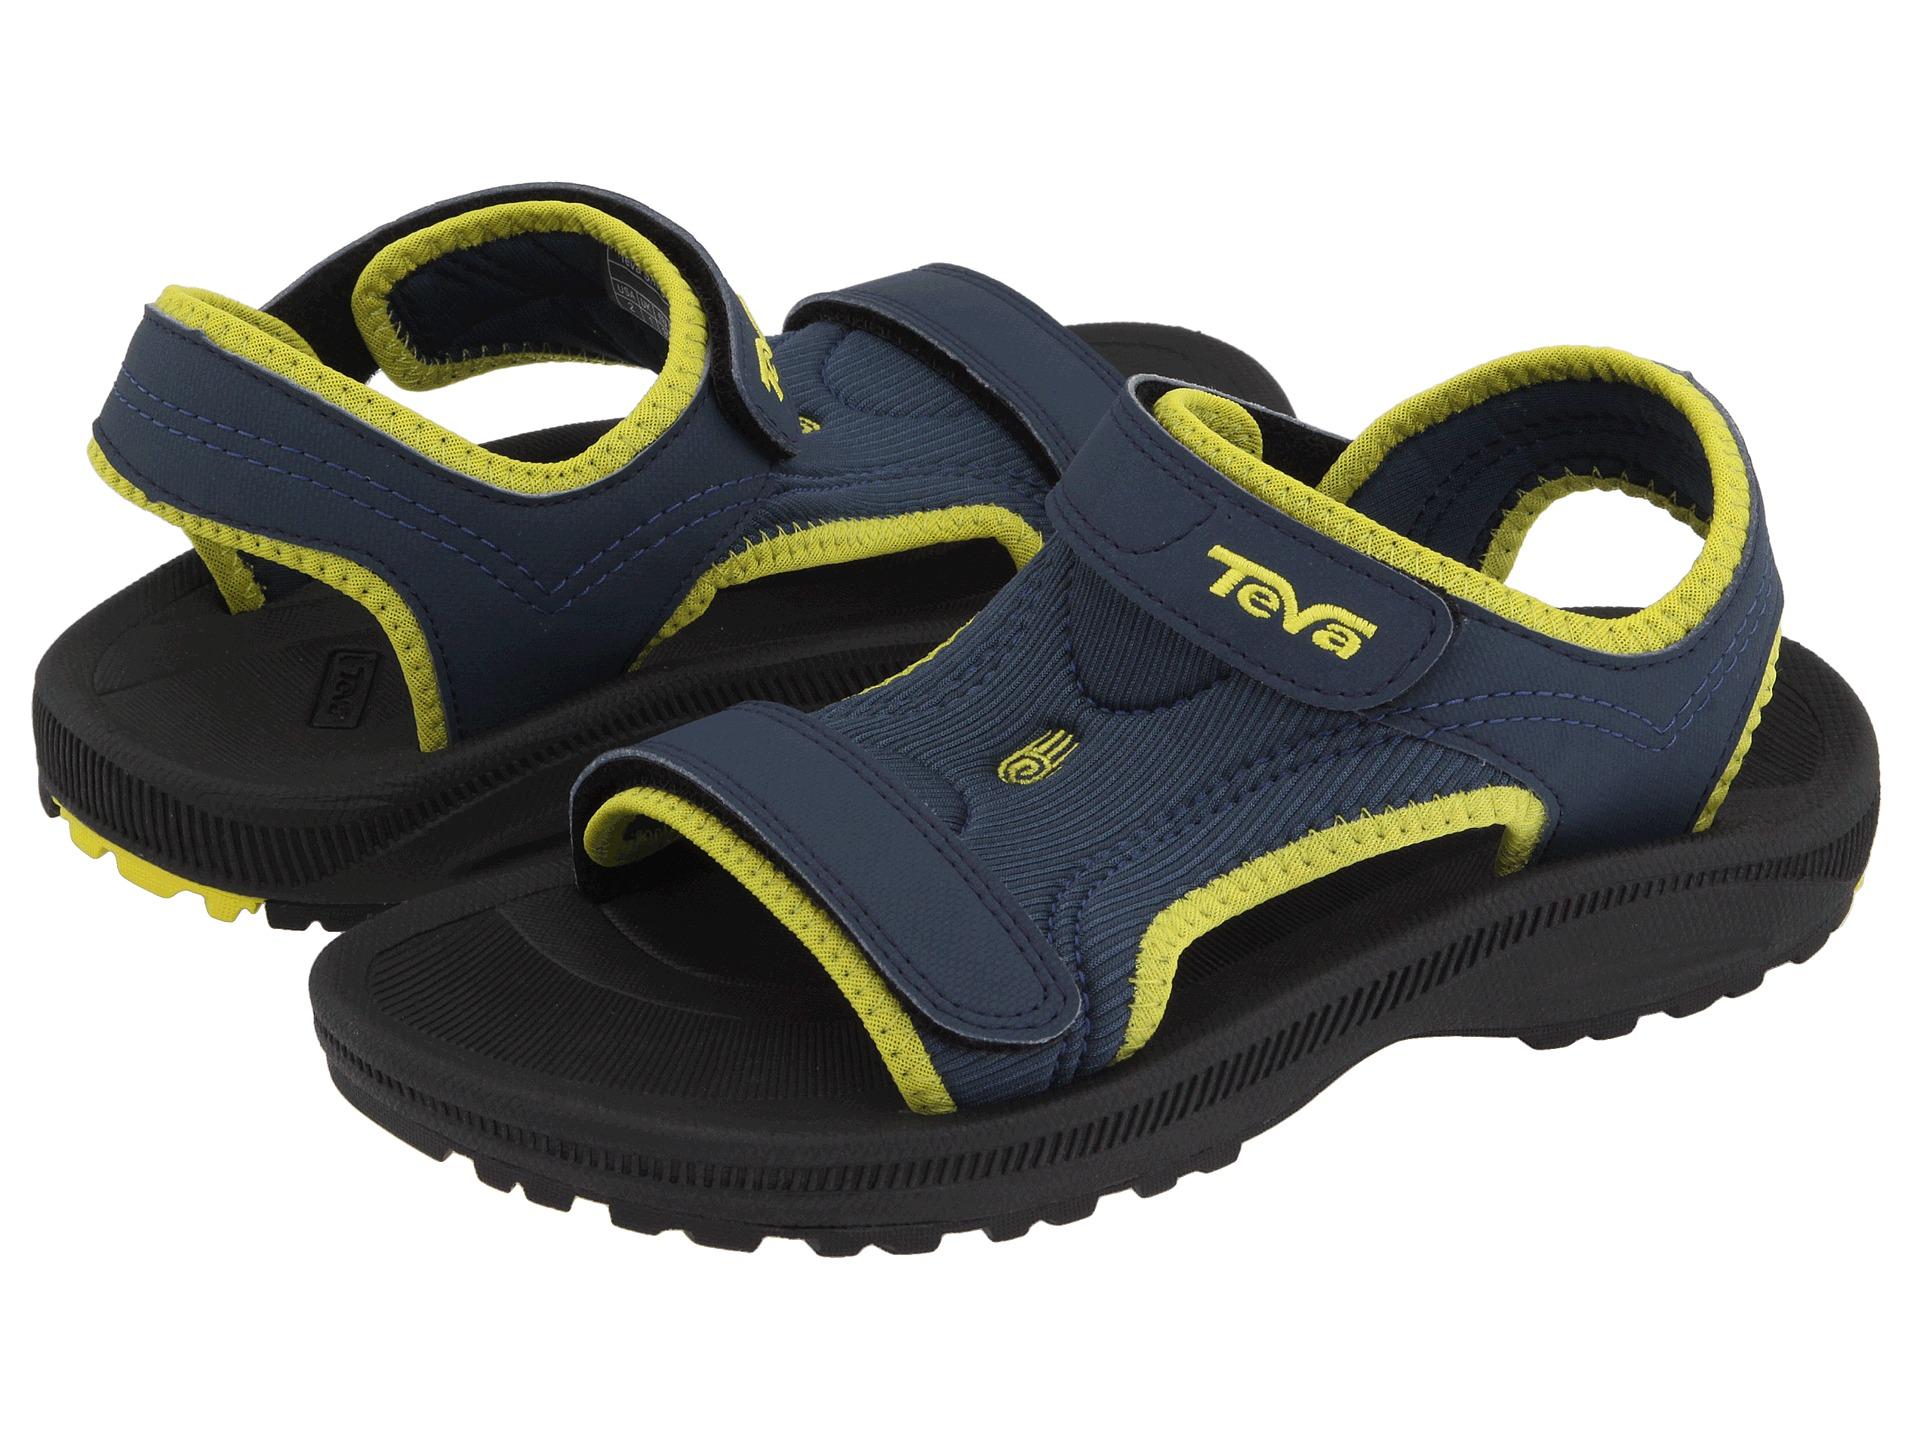 Teva Water Shoes Baby